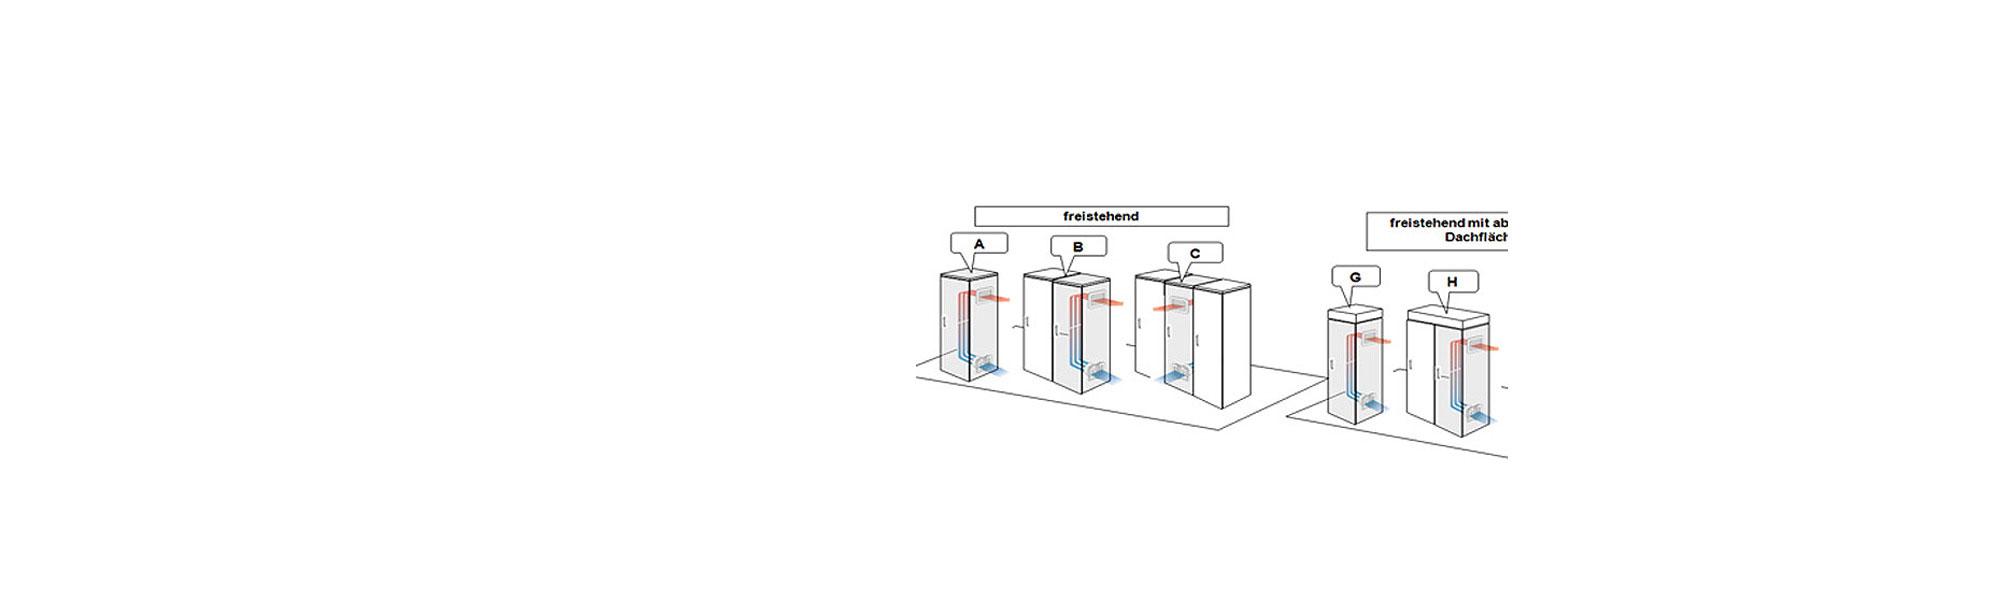 MBI stellt gratis einen einfach bedienbaren Indoor-Klimarechner zur Verfügung